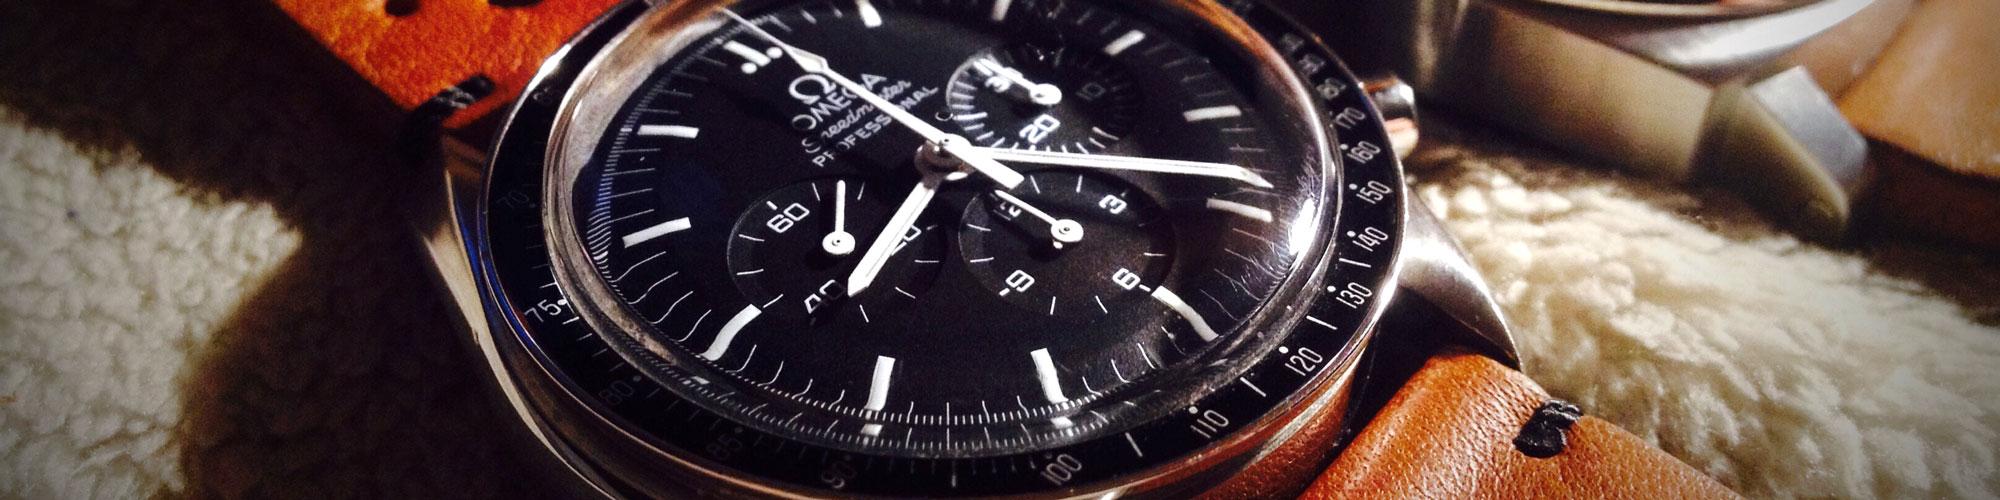 clock-1460495